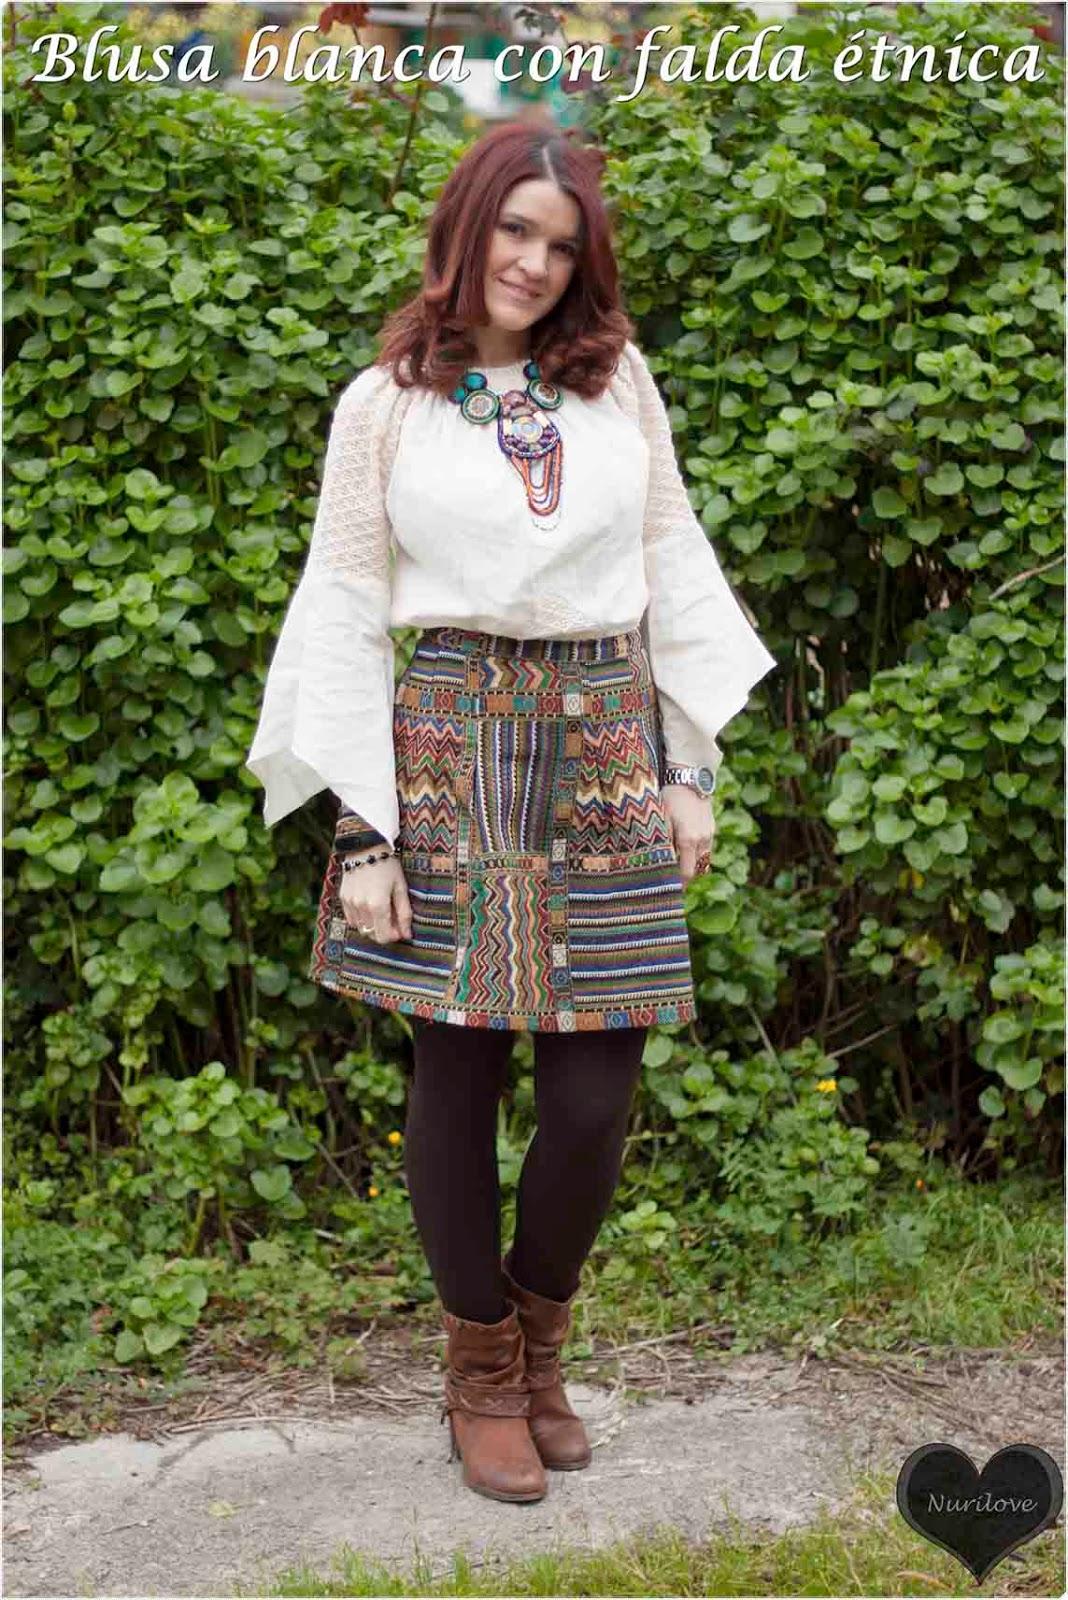 blusa blanca mexicana combinada con una falda y collar etnicos